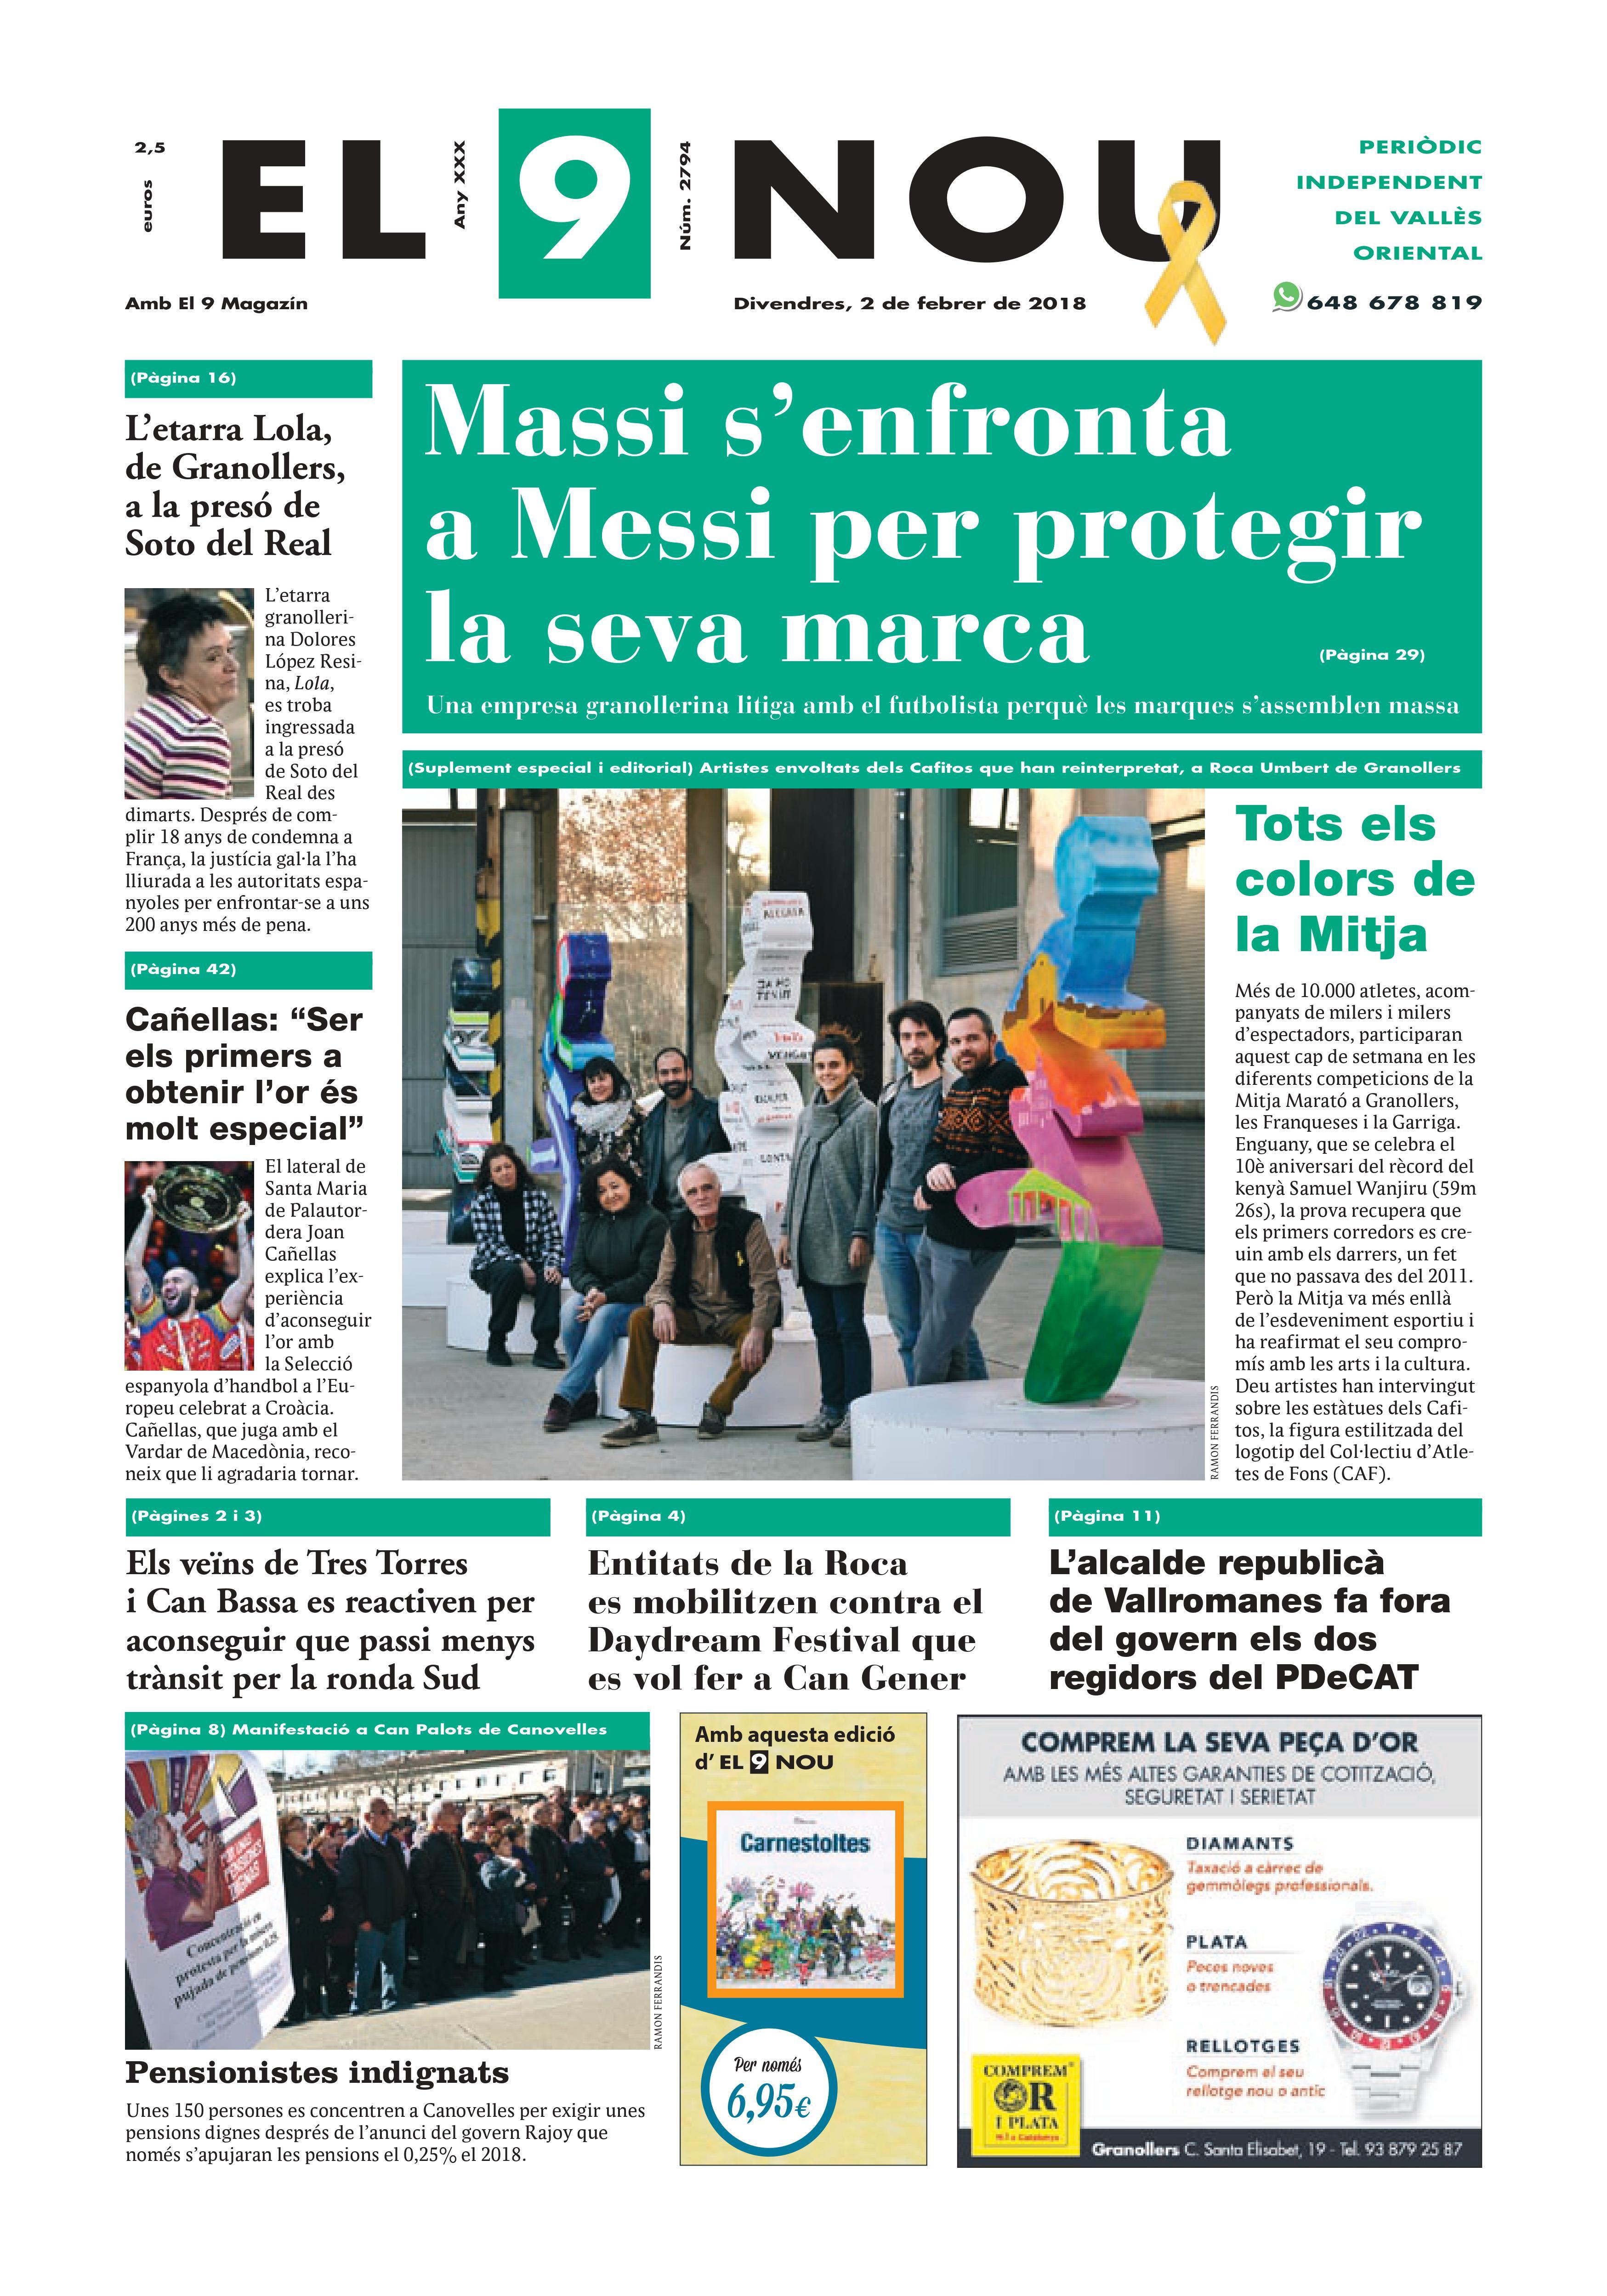 primera plana EL 9 NOU 02_02_18 Vallès